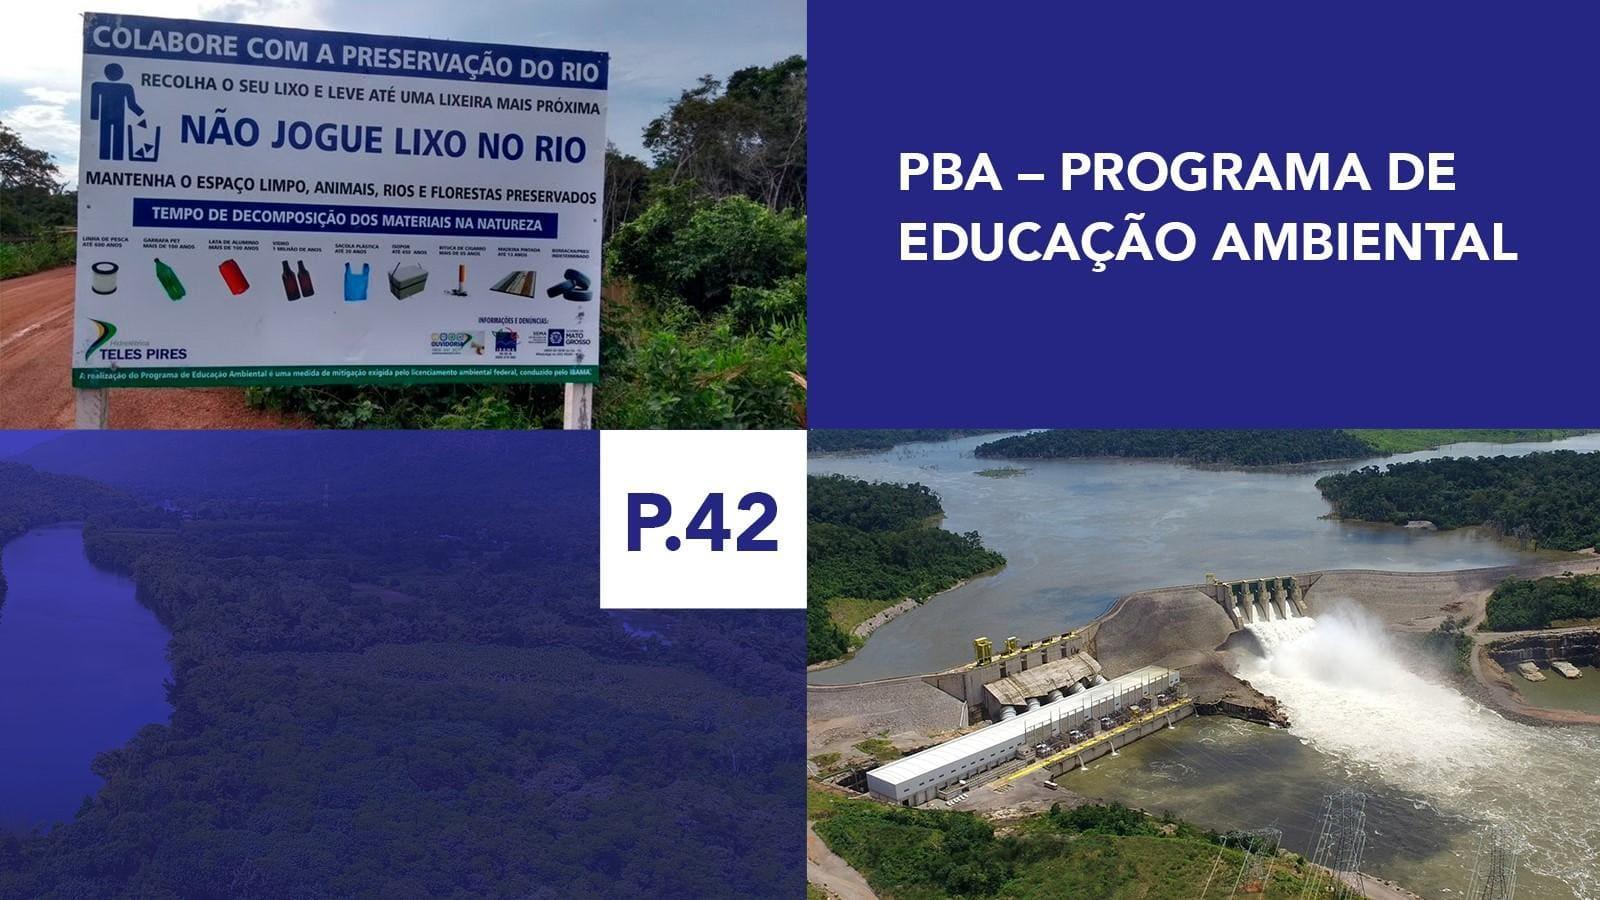 P.42 - Programa de Educação Ambiental